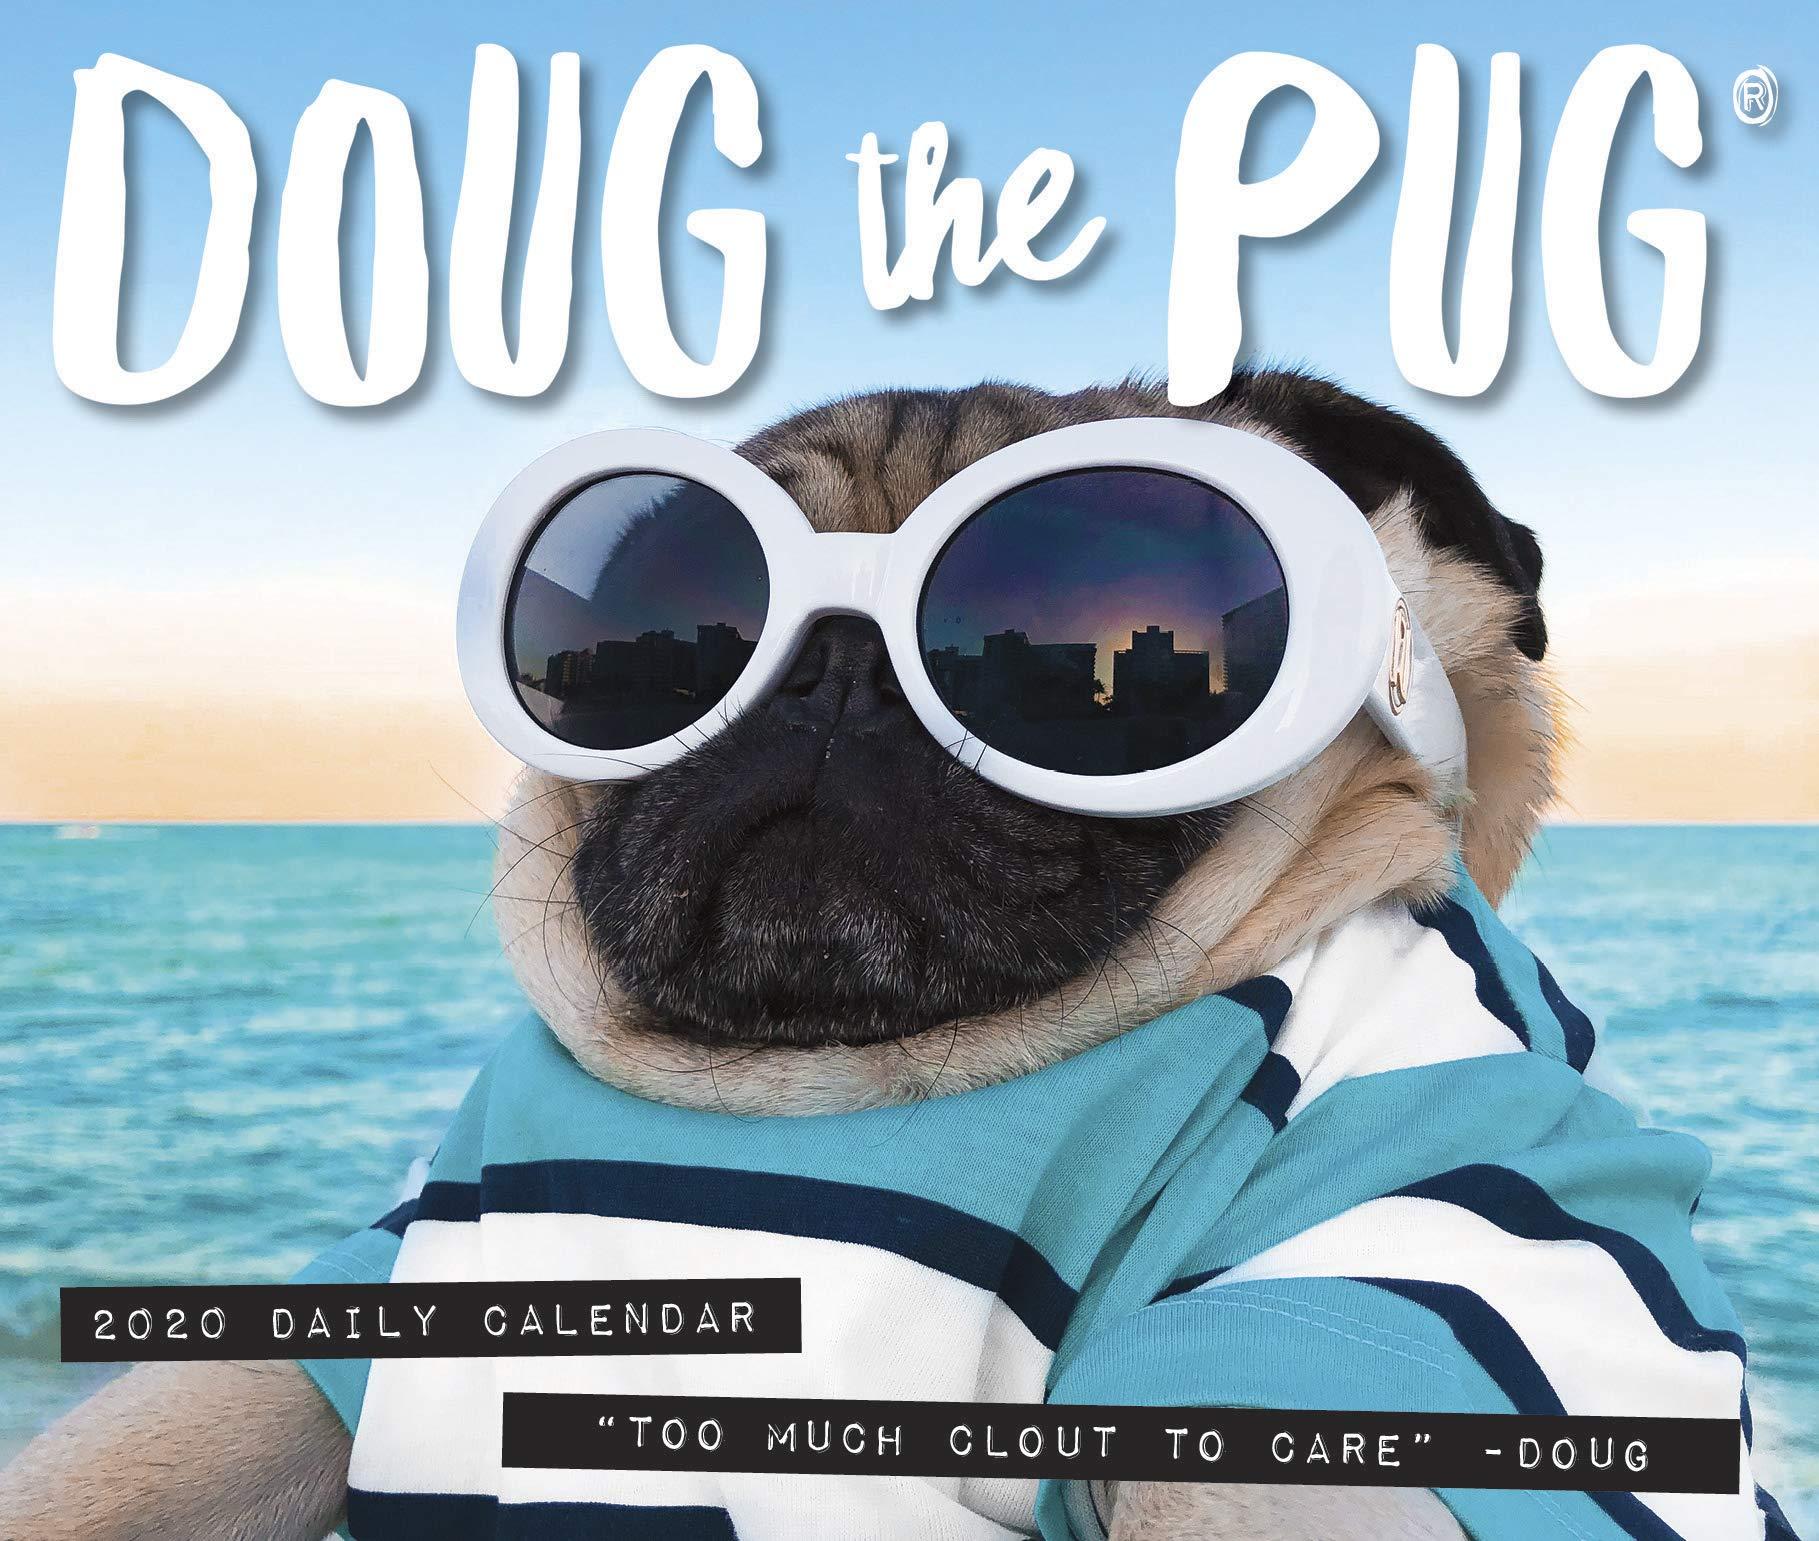 Calendario 2020 Doug The Pug